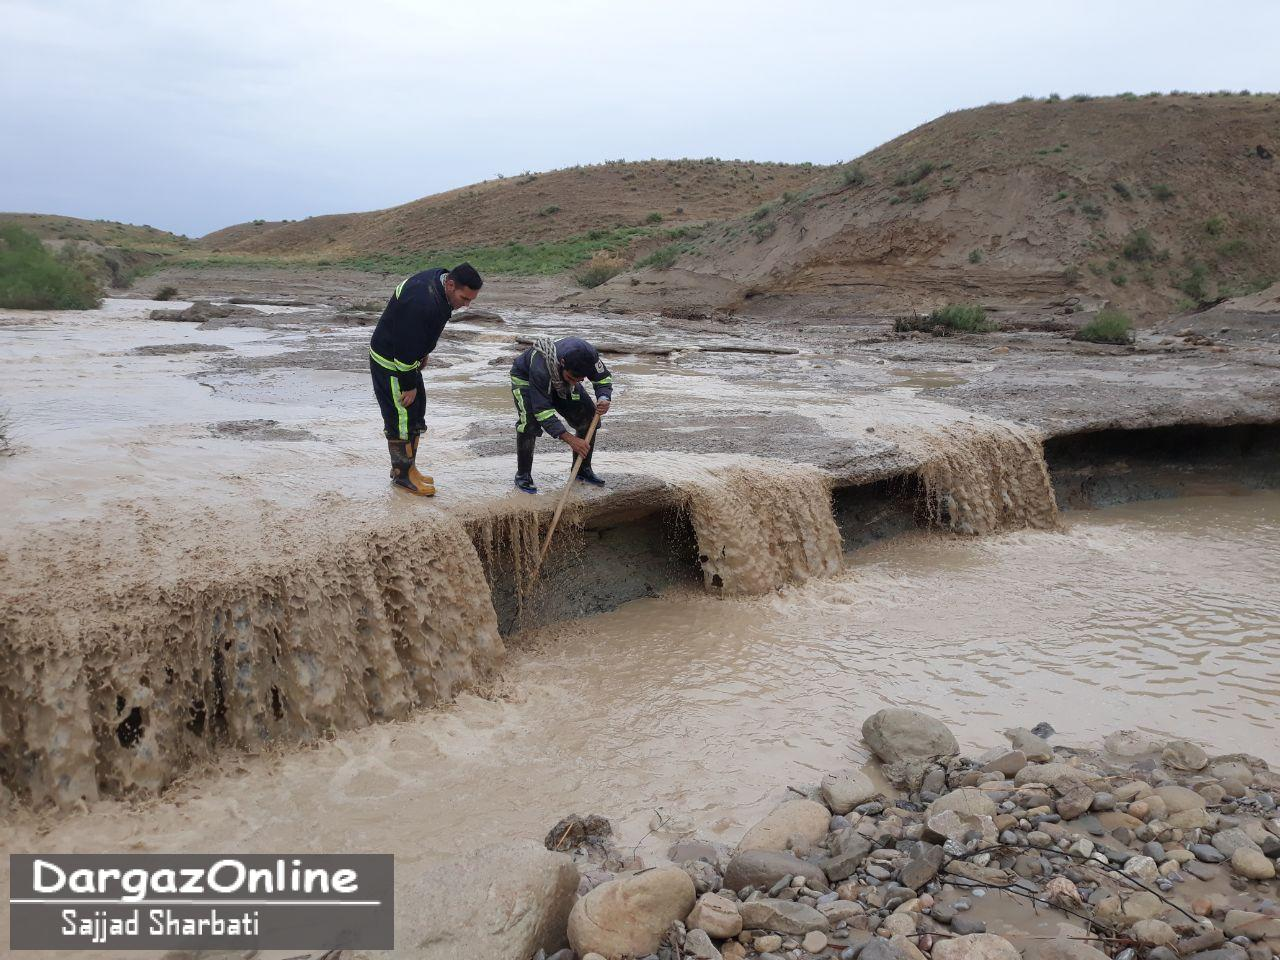 کشف جسد جوان درگزی در رودخانه «توقی» درگز